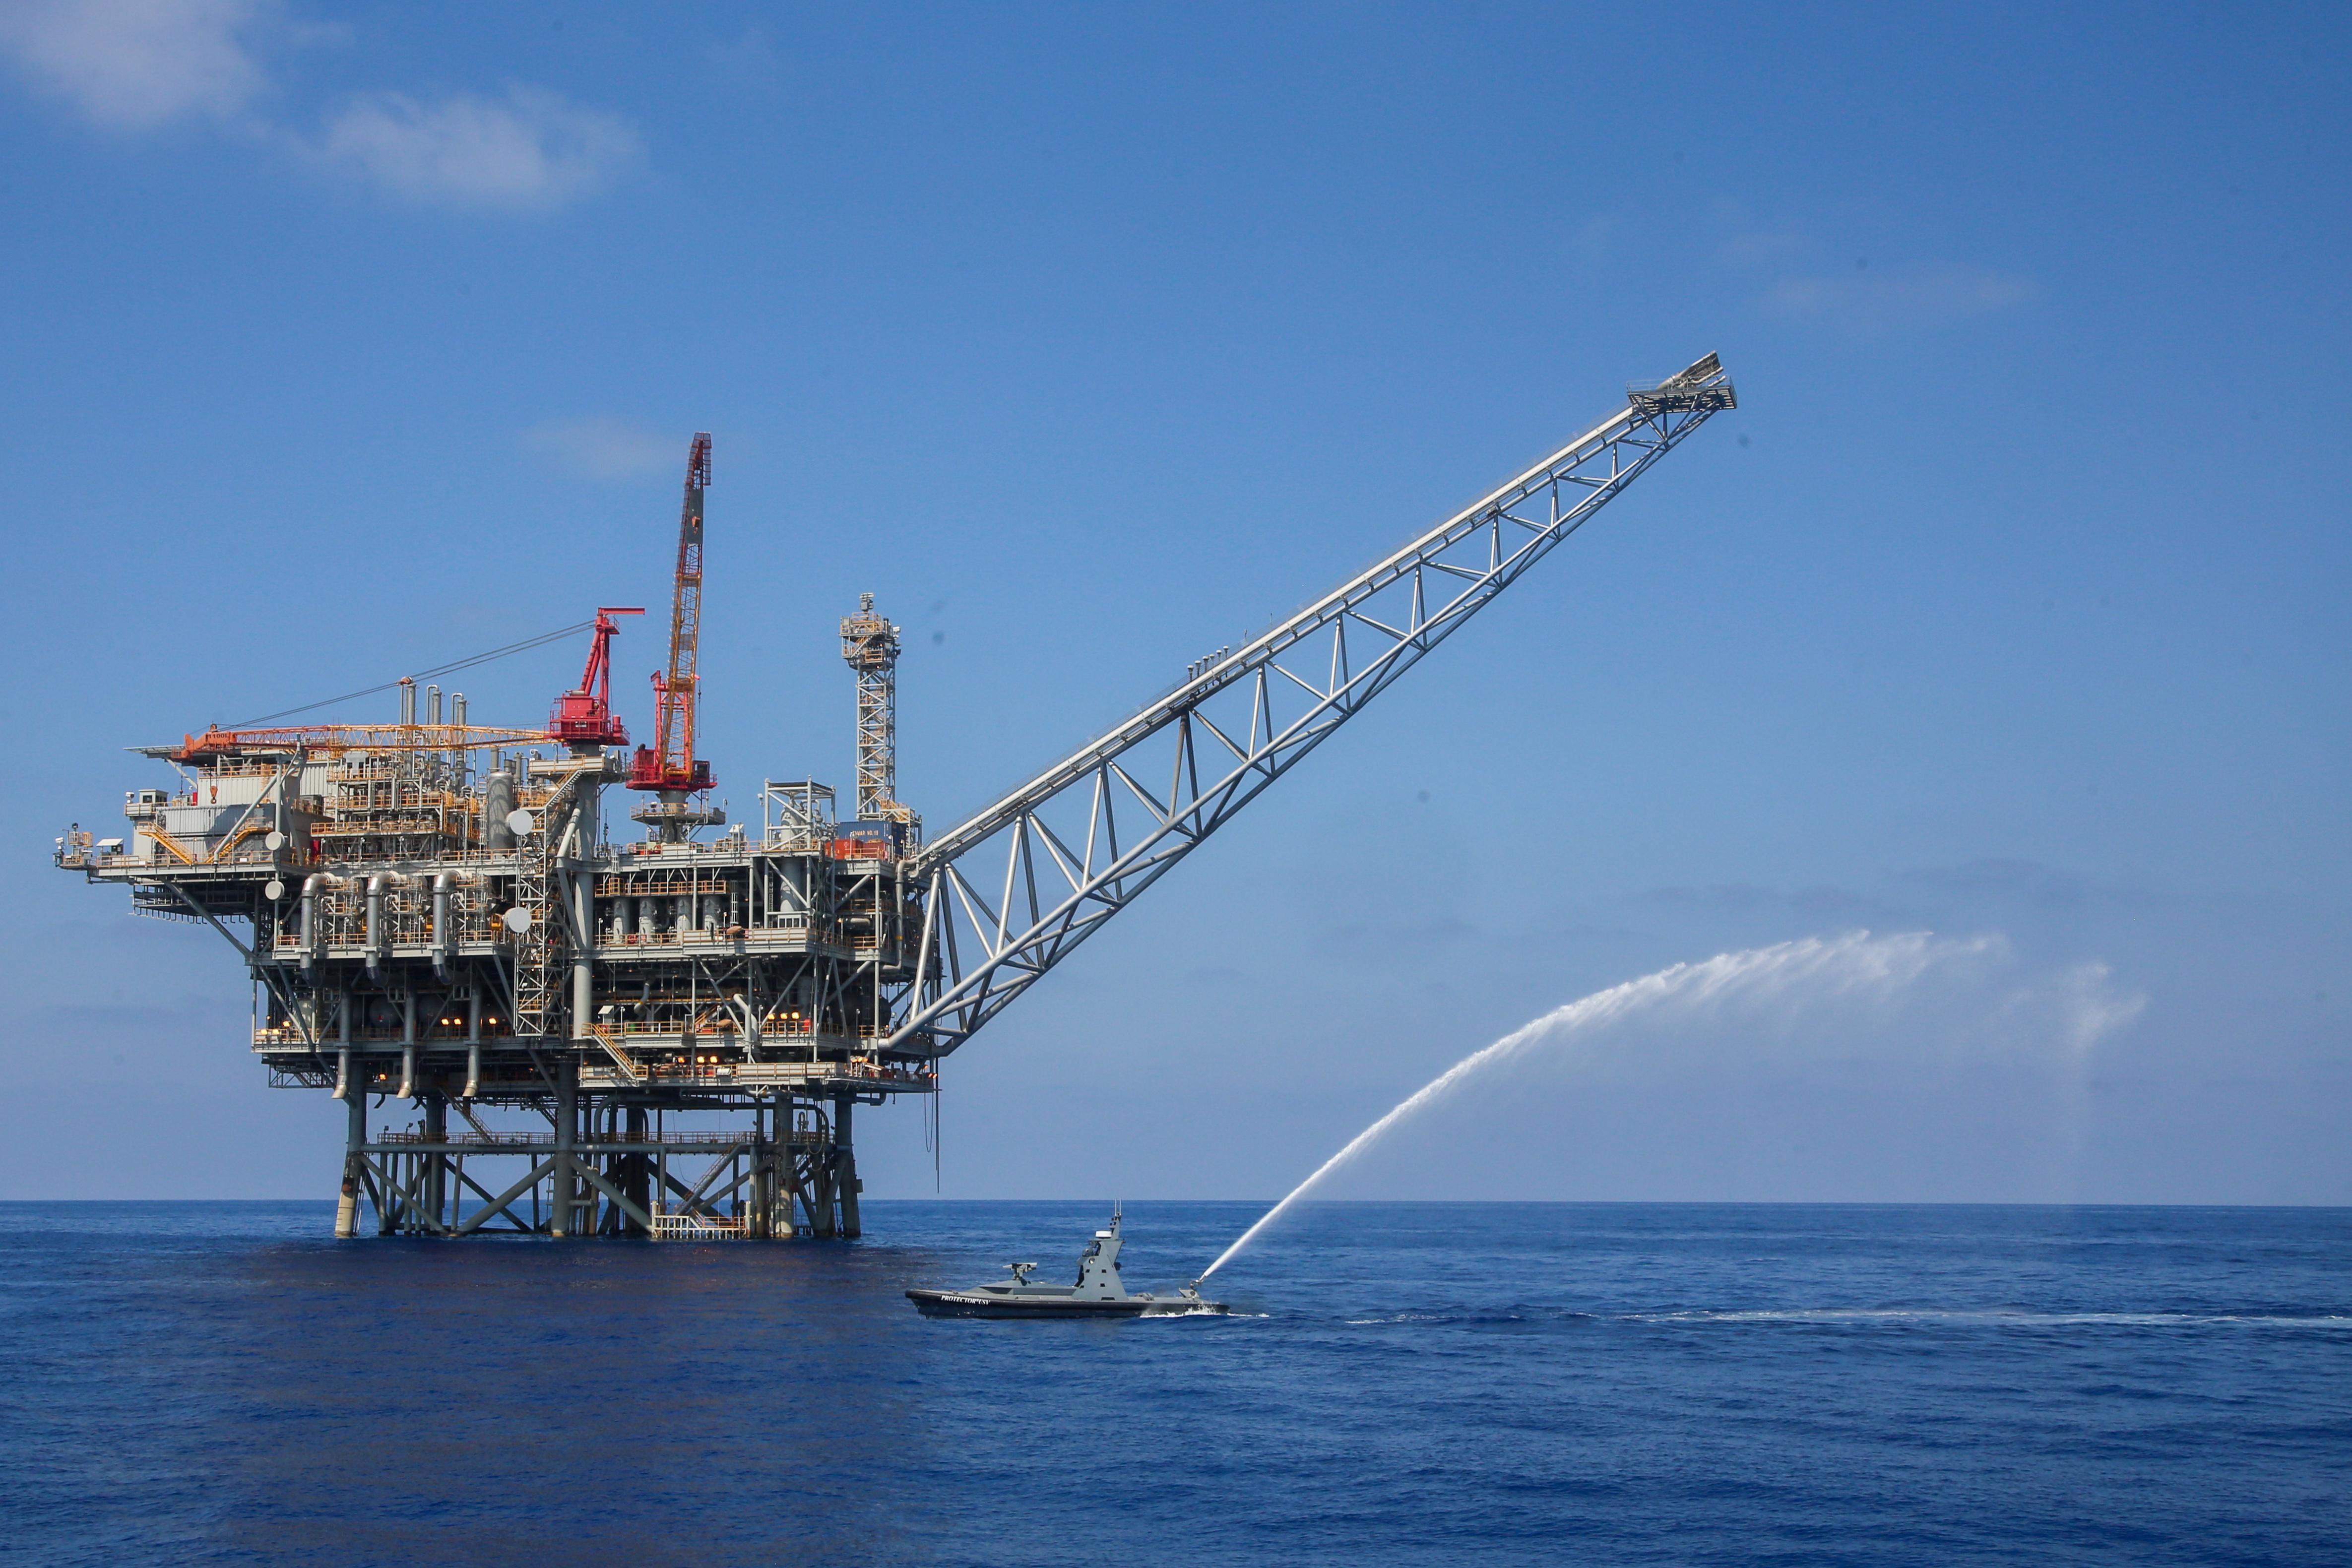 אסדות הגז הישראליות במחלוקת מול לבנון